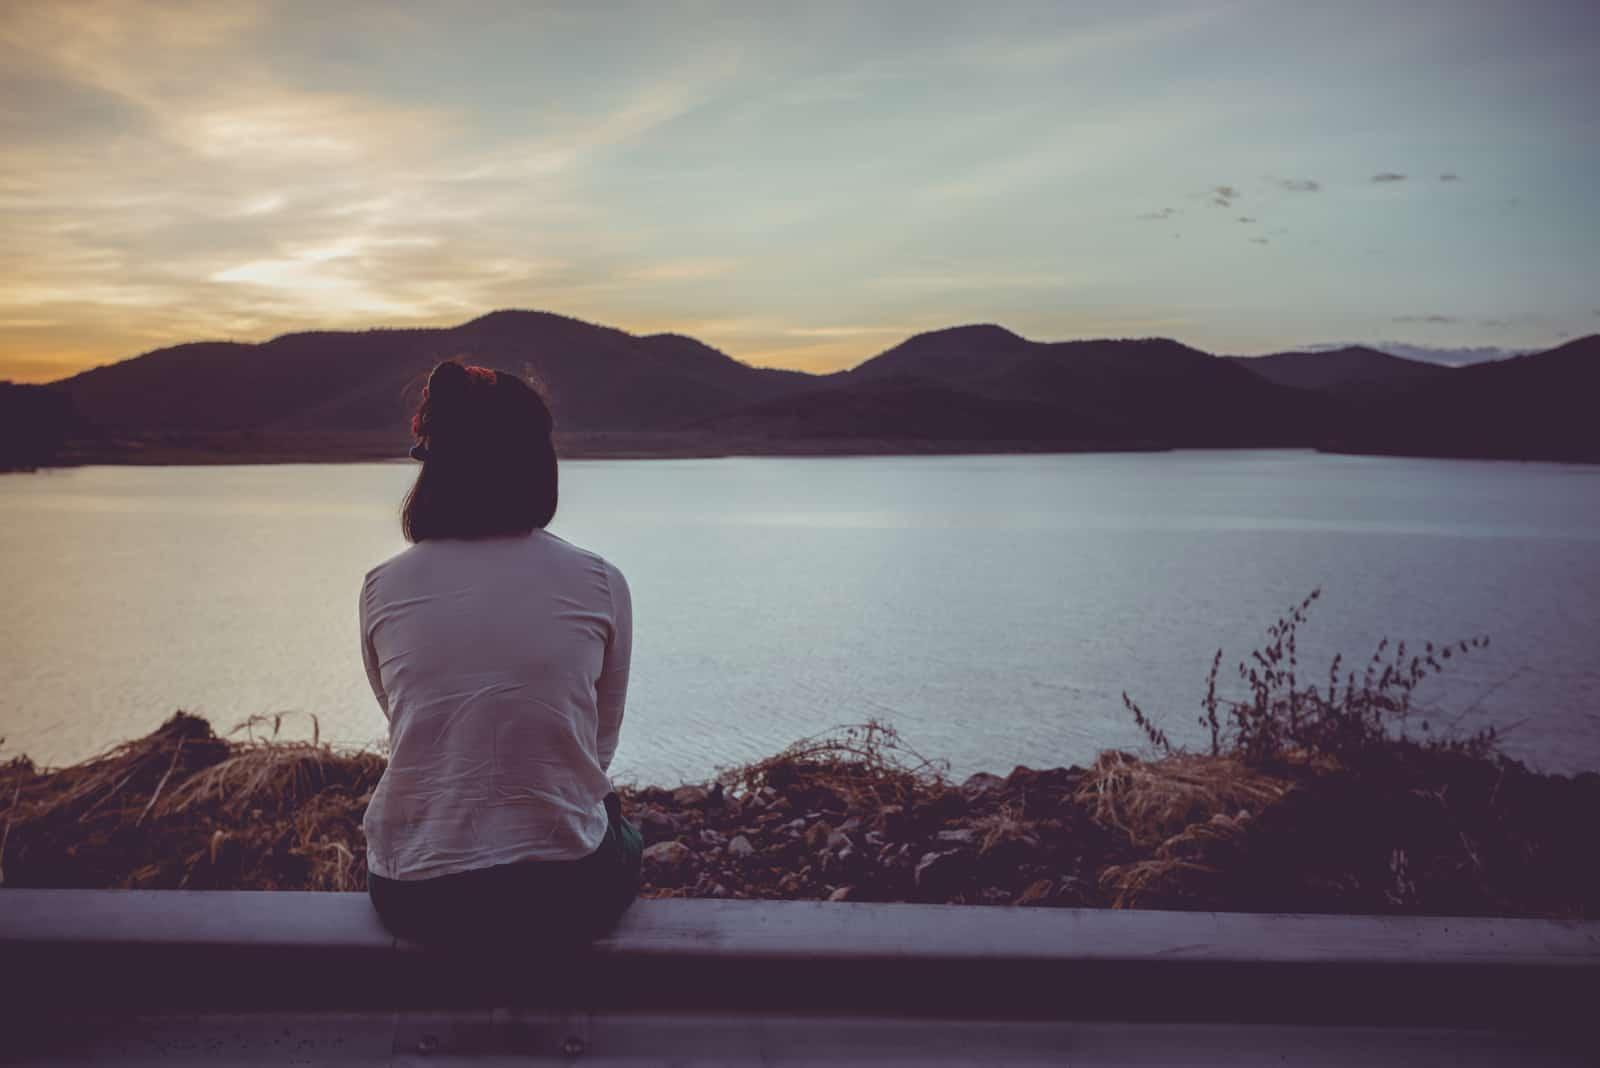 la femme est assise le dos tourné et regarde vers la mer